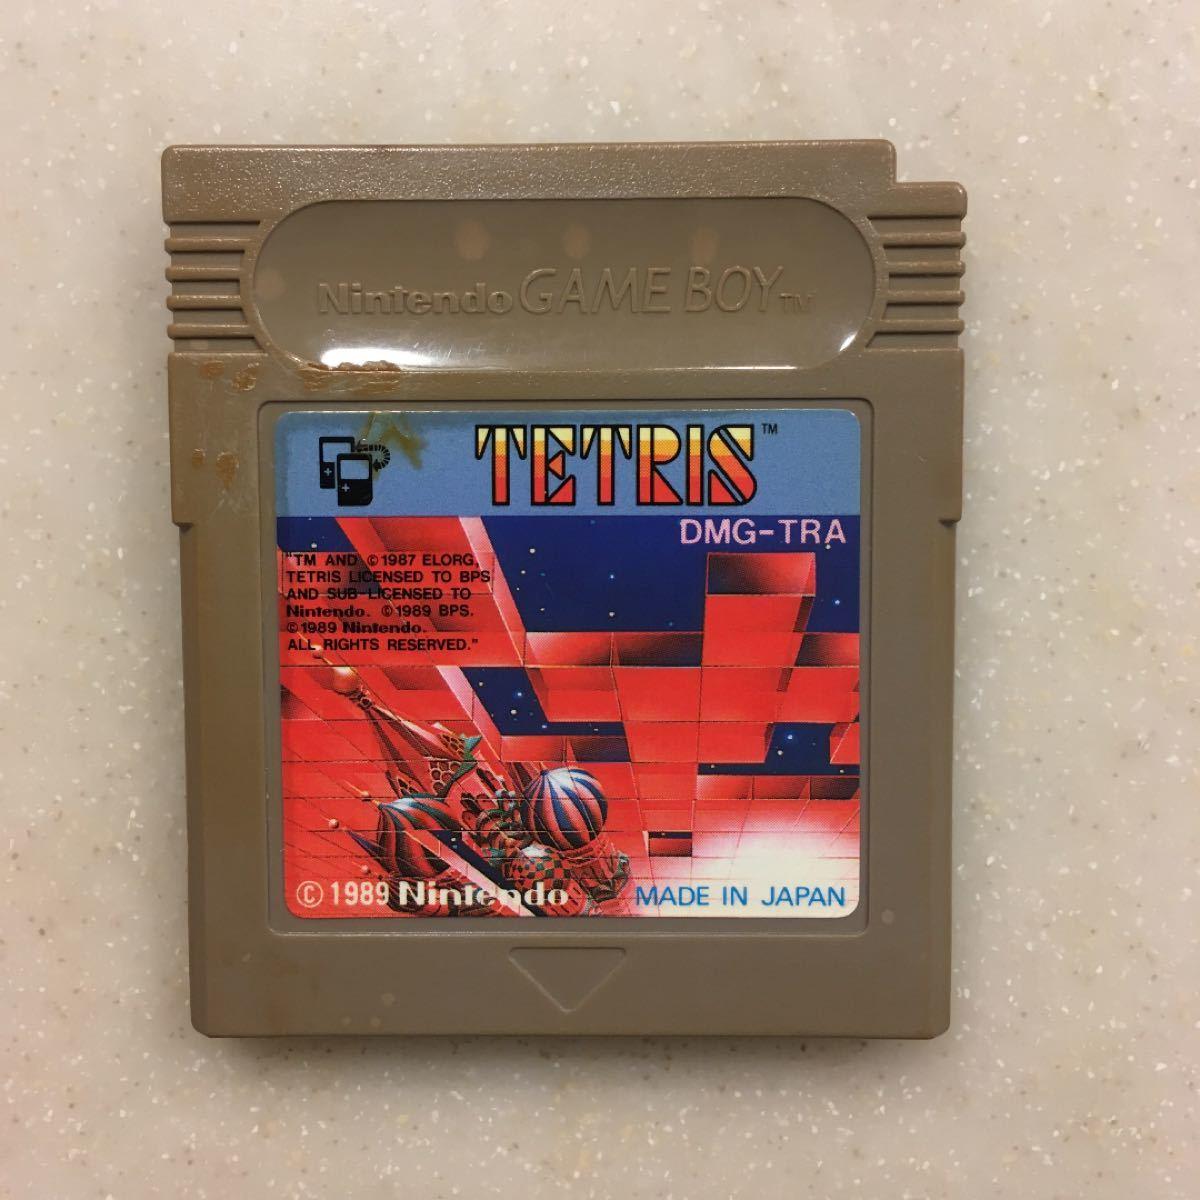 テトリス Tetris ゲームボーイ ソフト ゲームボーイ